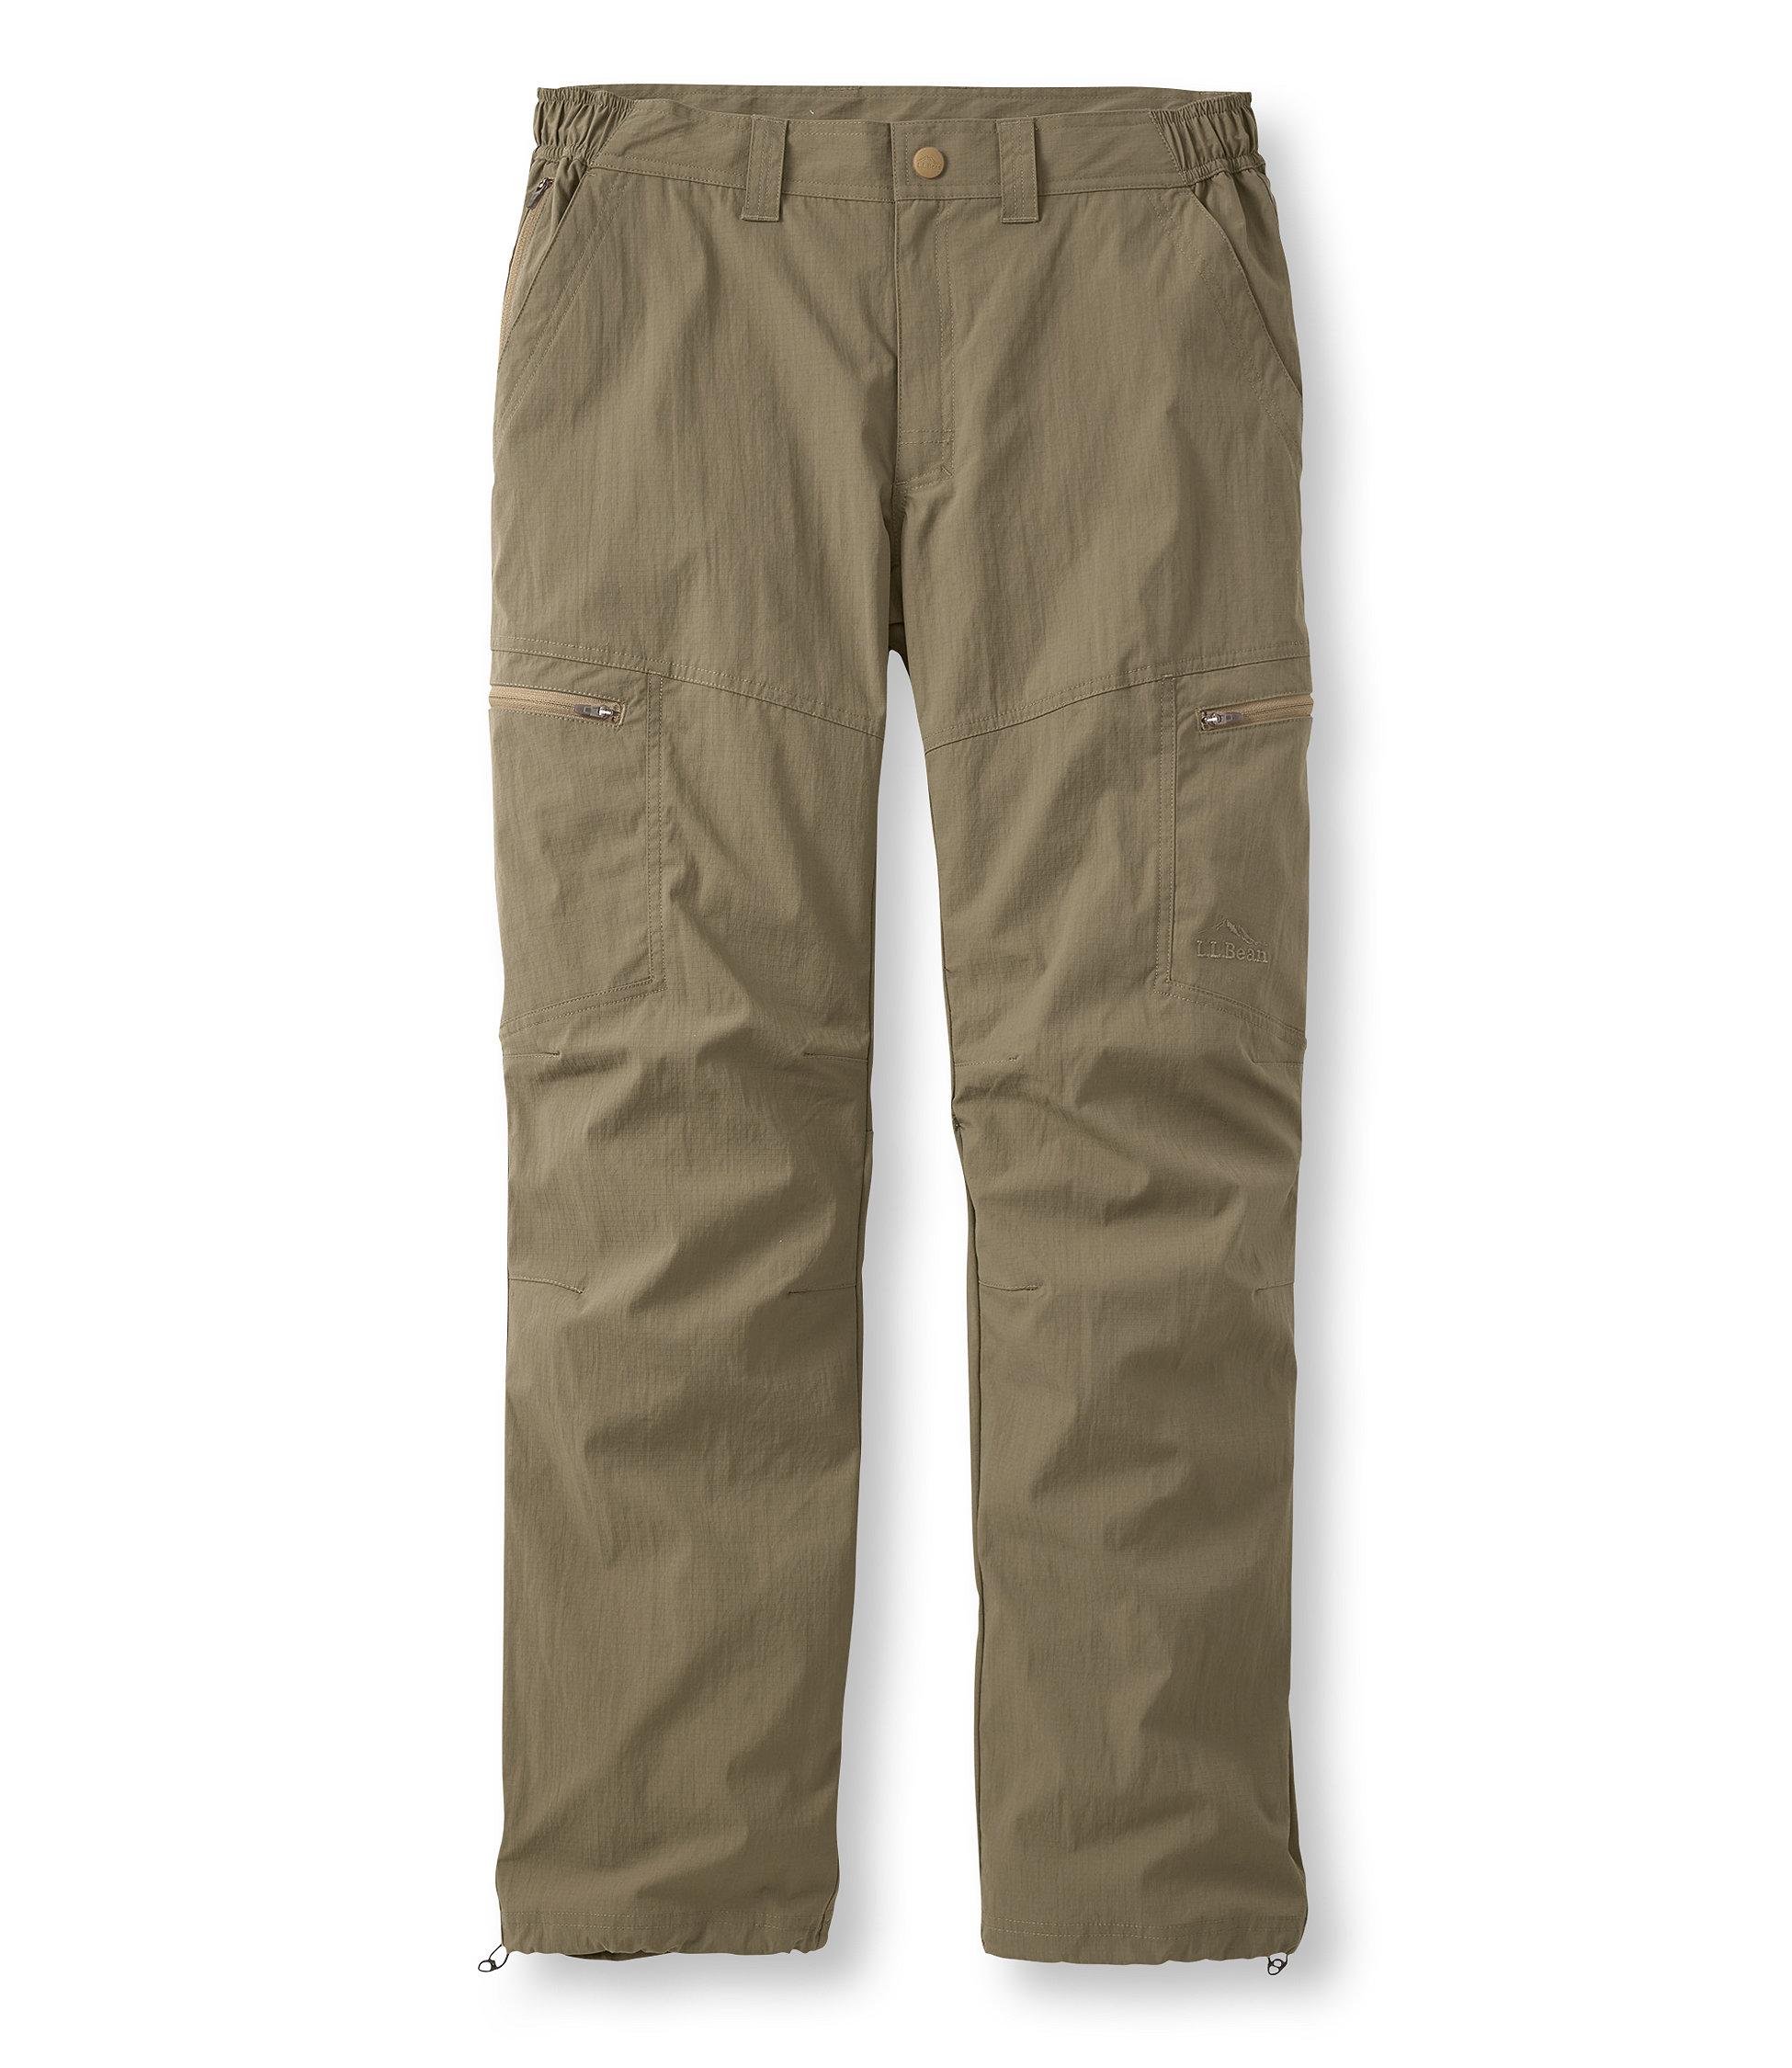 L.L.Bean No Fly Zone Trail Pants